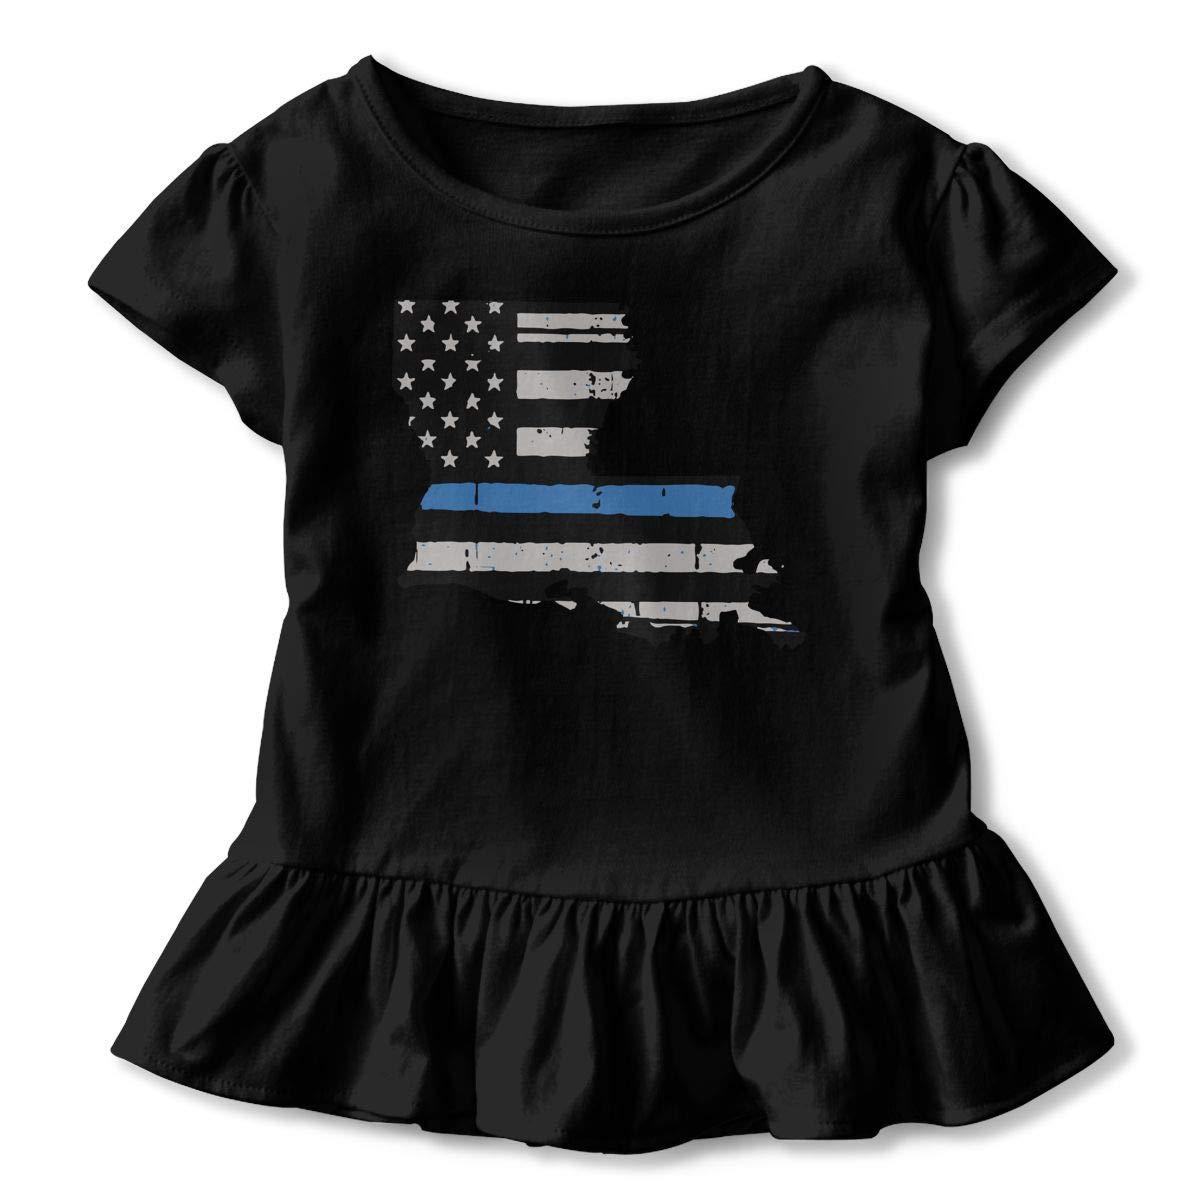 Thin Blue Line USA Flag Kids Girls Short Sleeve Ruffles Shirt Tee Jersey for 2-6T